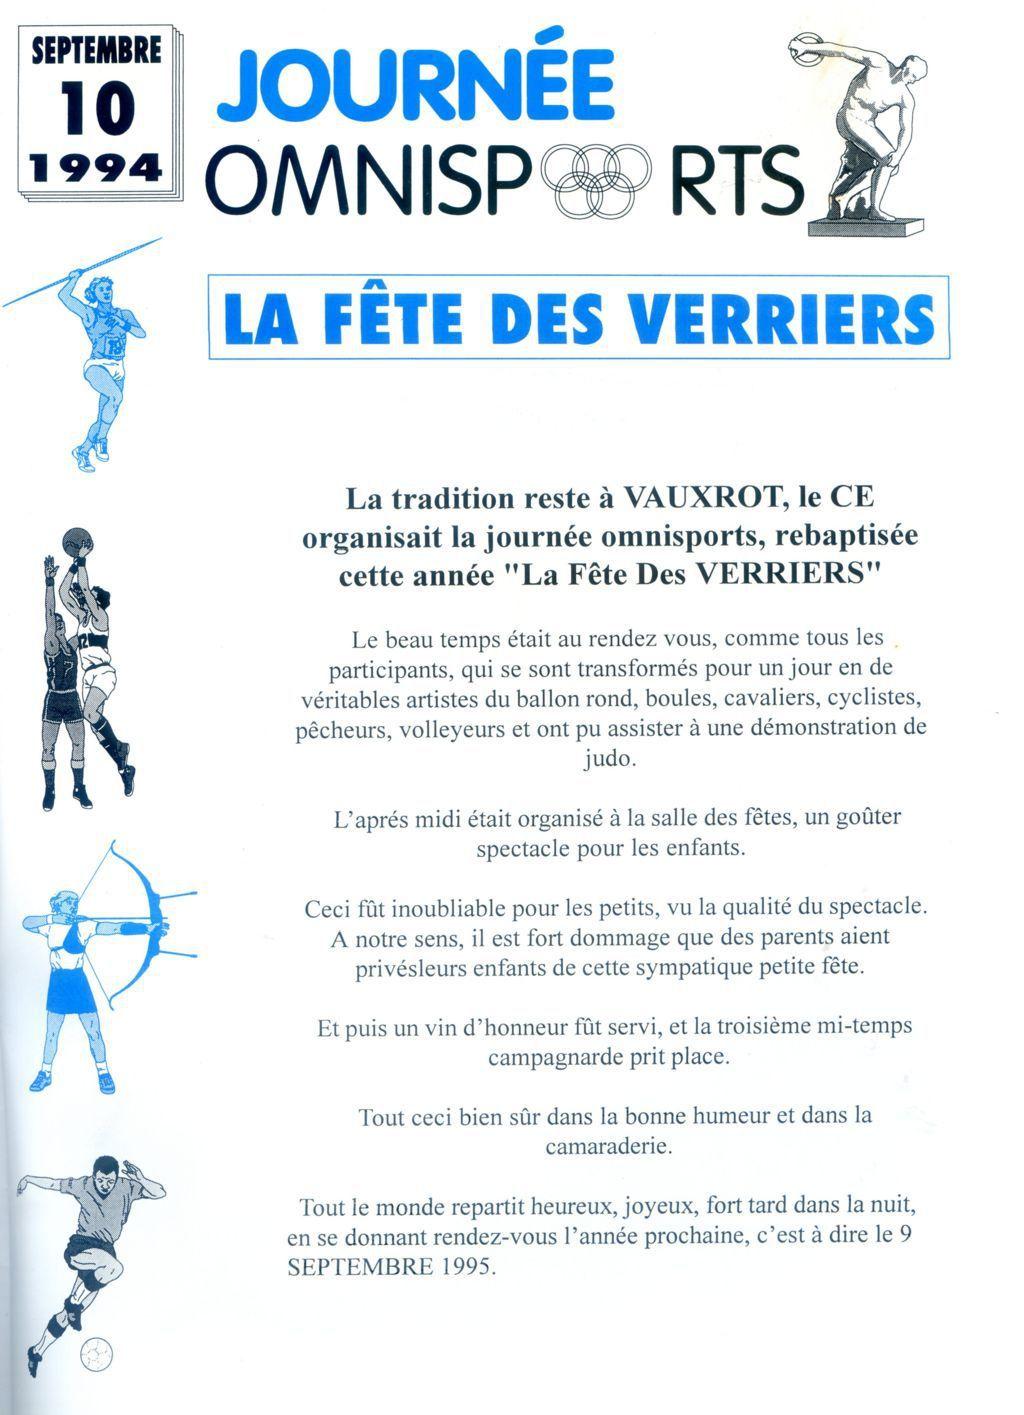 Album - groupe Saint-Gobain, la verrerie de Vauxrot (Aisne), les festivités (Ais